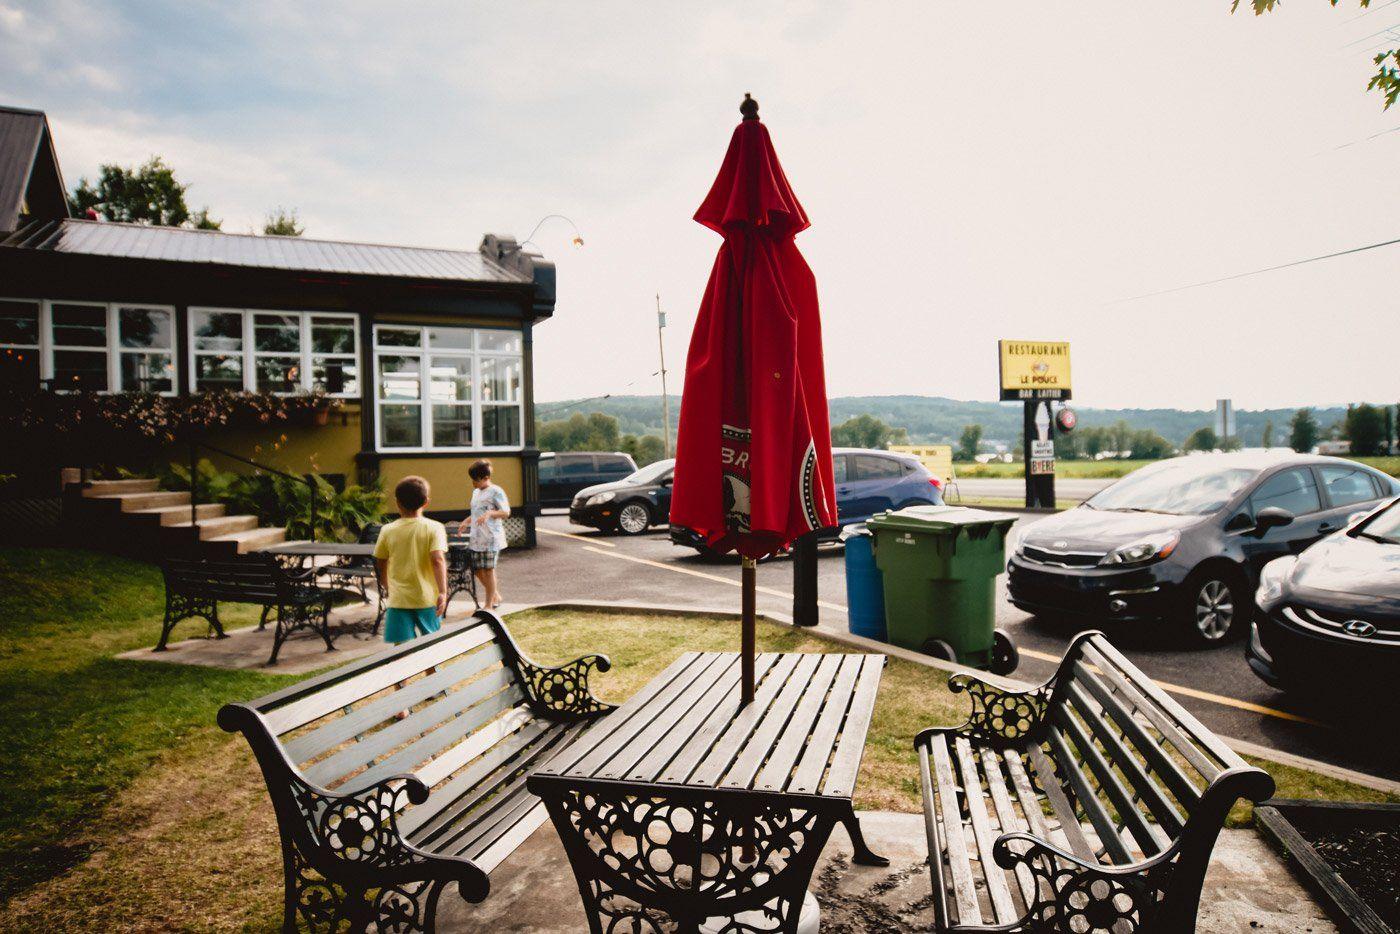 https://lepouce.ca/wp-content/uploads/2018/02/restaurant-le-pouce-parc-tables-exterieures.jpg